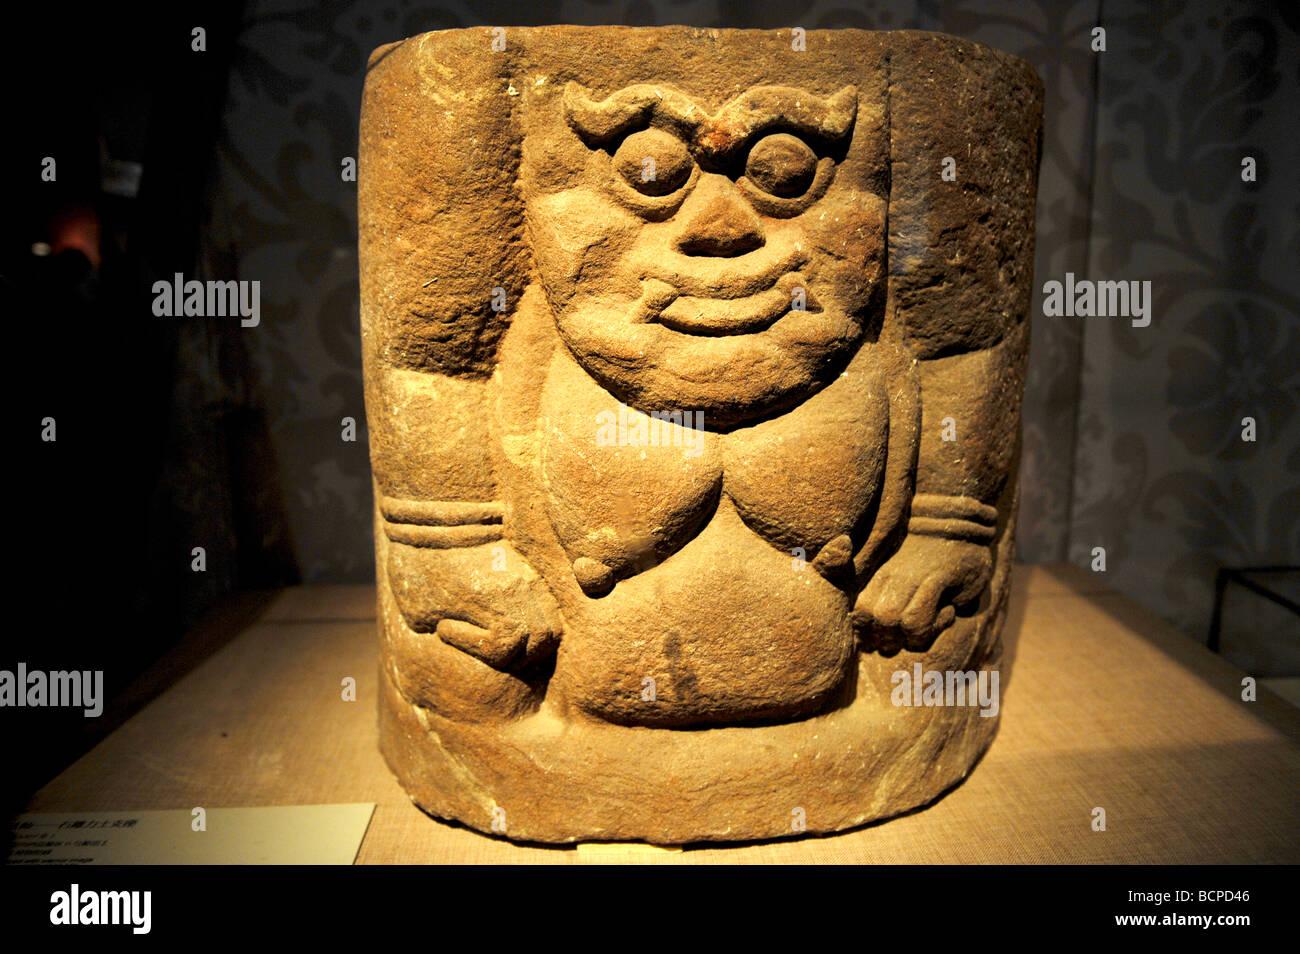 La piedra tallada lápida base con la imagen de un hombre poderoso desde el oeste de la dinastía Xia, Museo de la capital, Pekín, China Foto de stock